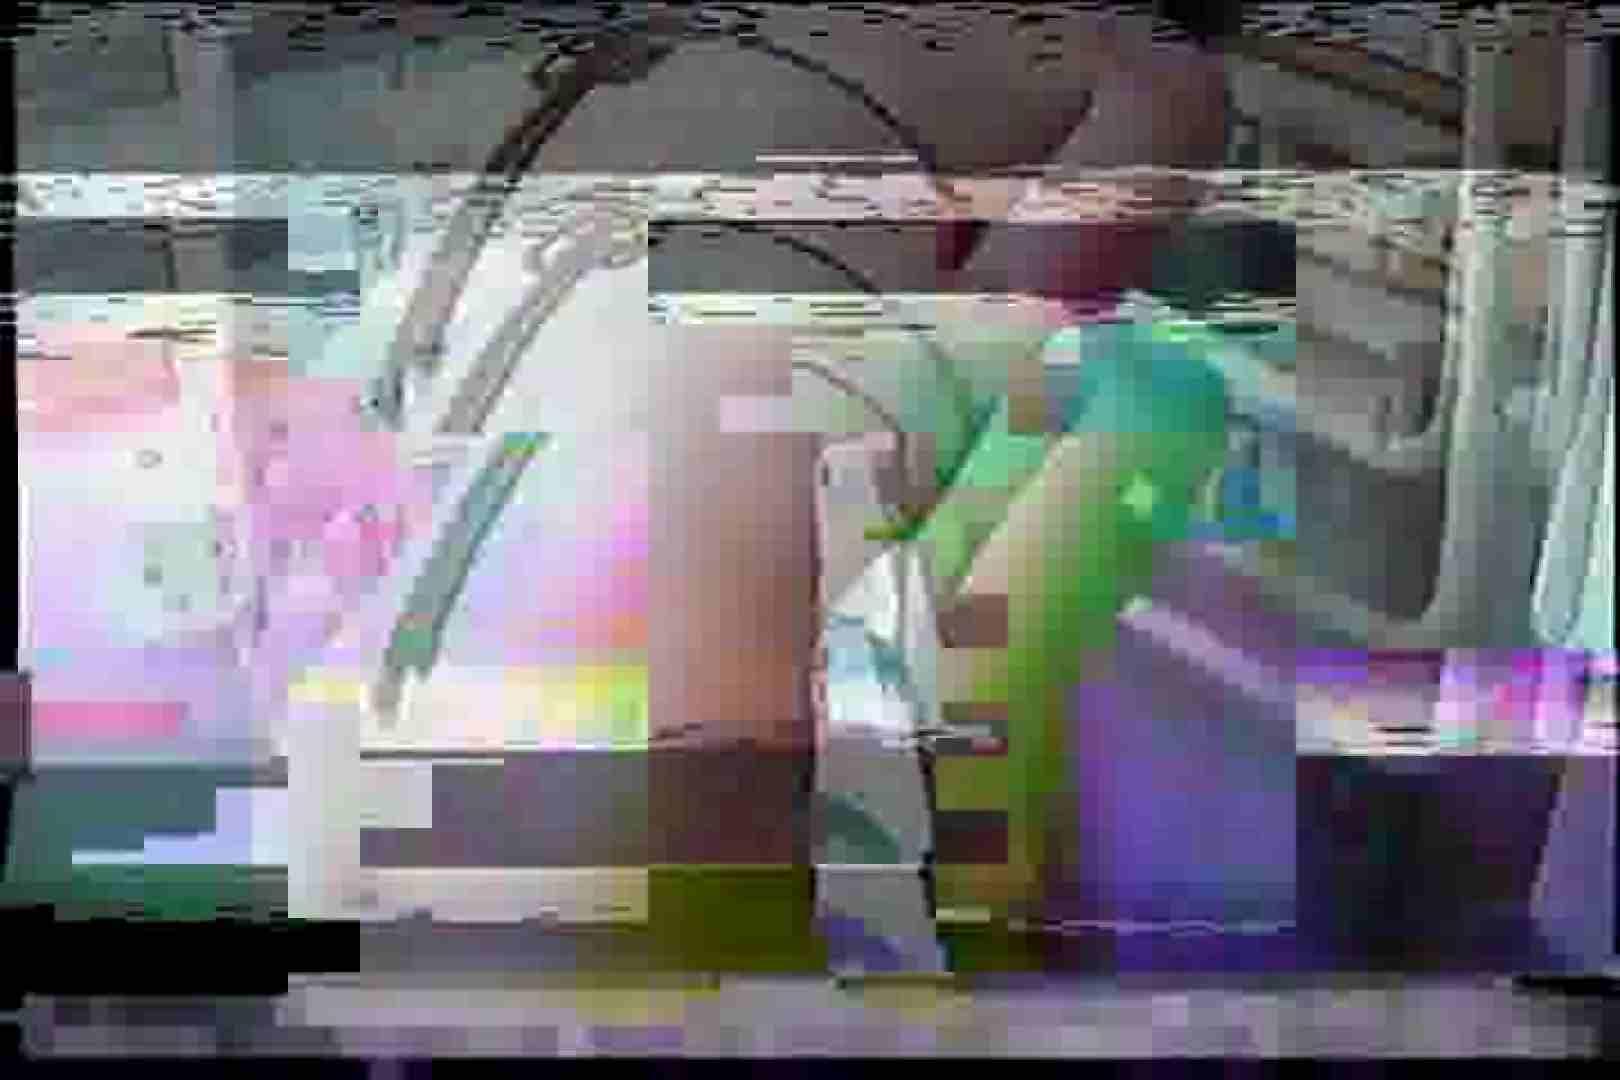 2点盗撮洗面所潜入レポートVol.7 洋式固定カメラ編 0 | 0  101画像 88